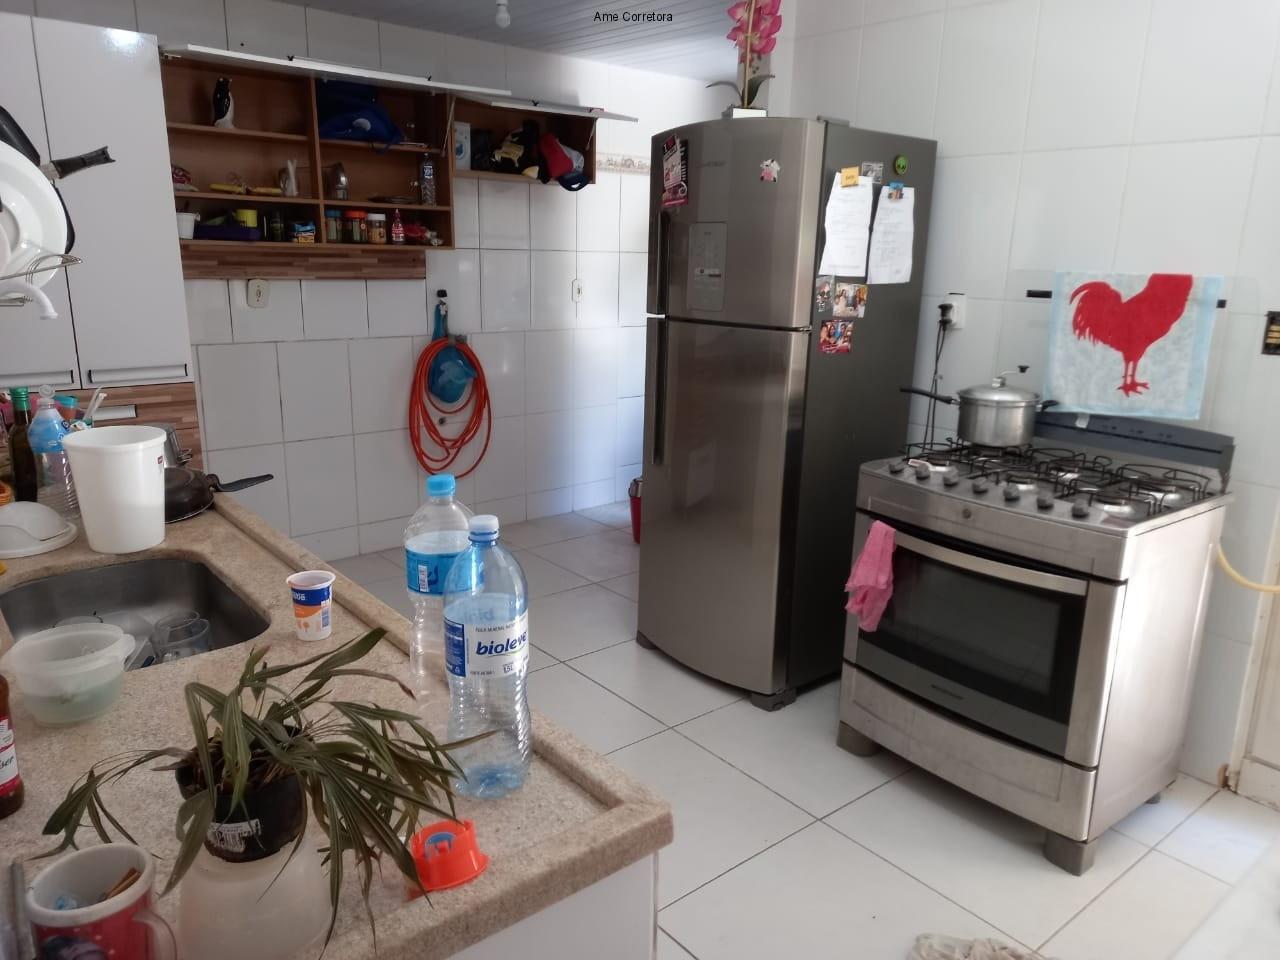 FOTO 01 - Casa 2 quartos para venda e aluguel Campo Grande, Rio de Janeiro - R$ 250.000 - CA00858 - 1